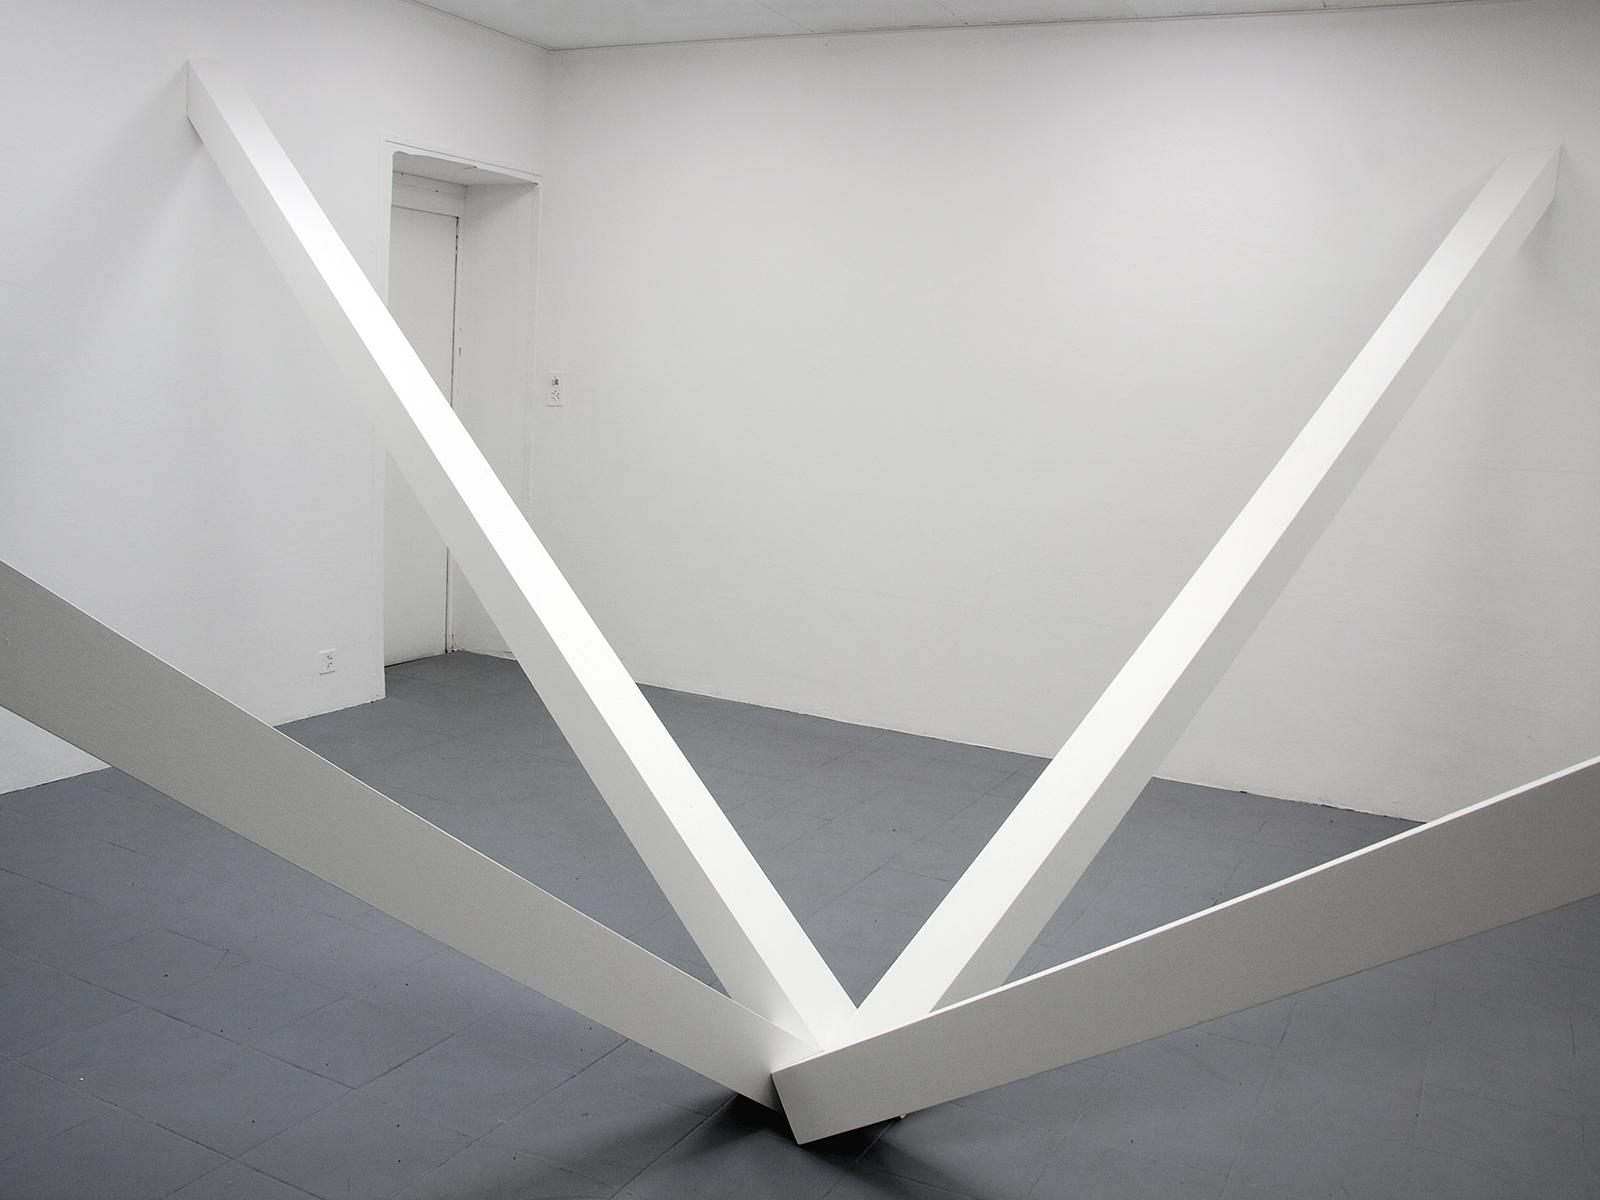 Benoit-Delaunay-artiste-installations-2010-Une Sculpture-06